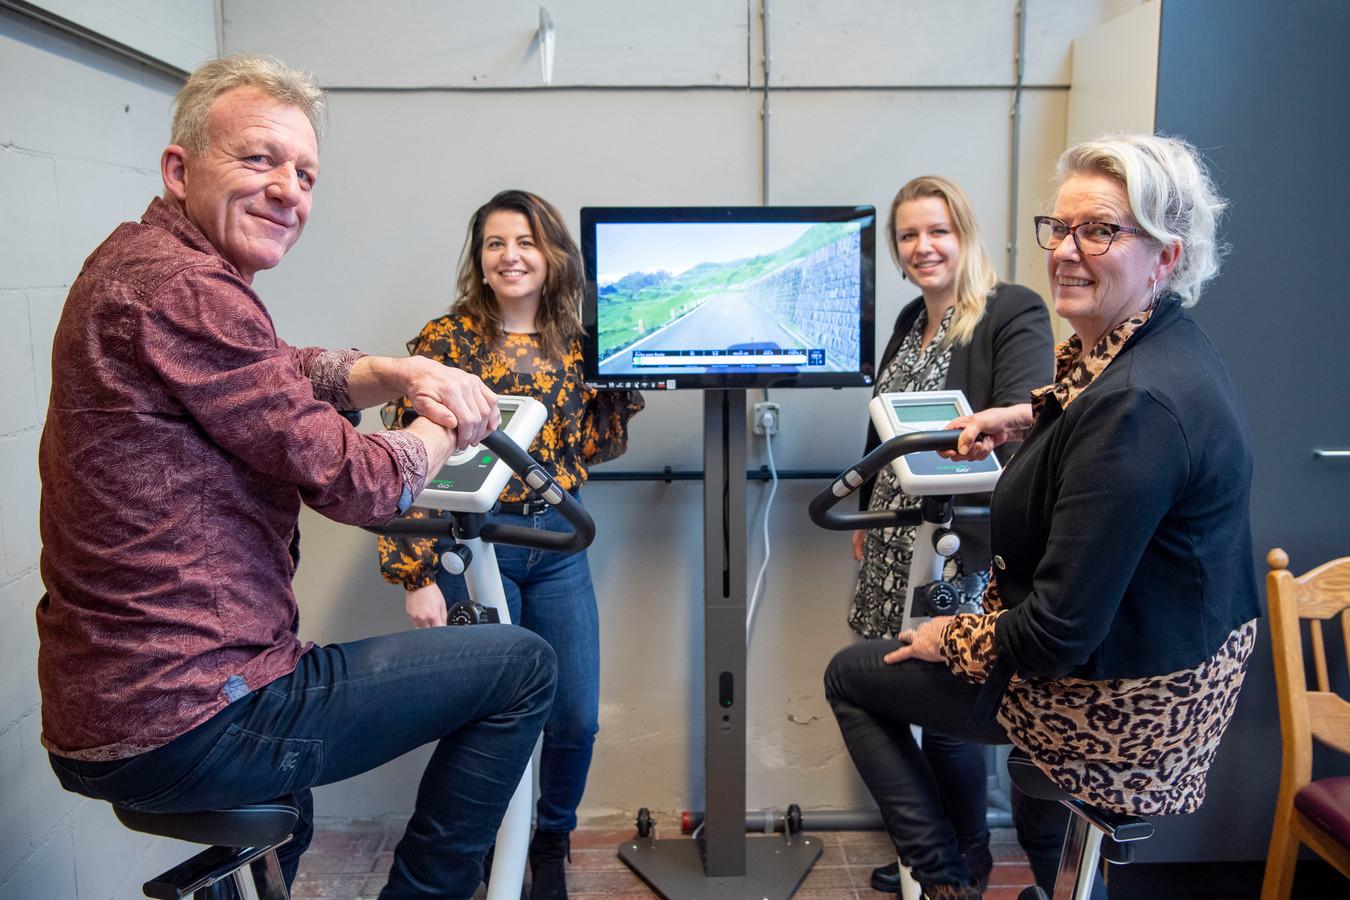 Op een hometrainer kunnen ouderen ook visueel over fietsen waar ze willen. Vlnr: vader Klaas, dochters Tamar en Marlon en moeder Herma Kuiper.